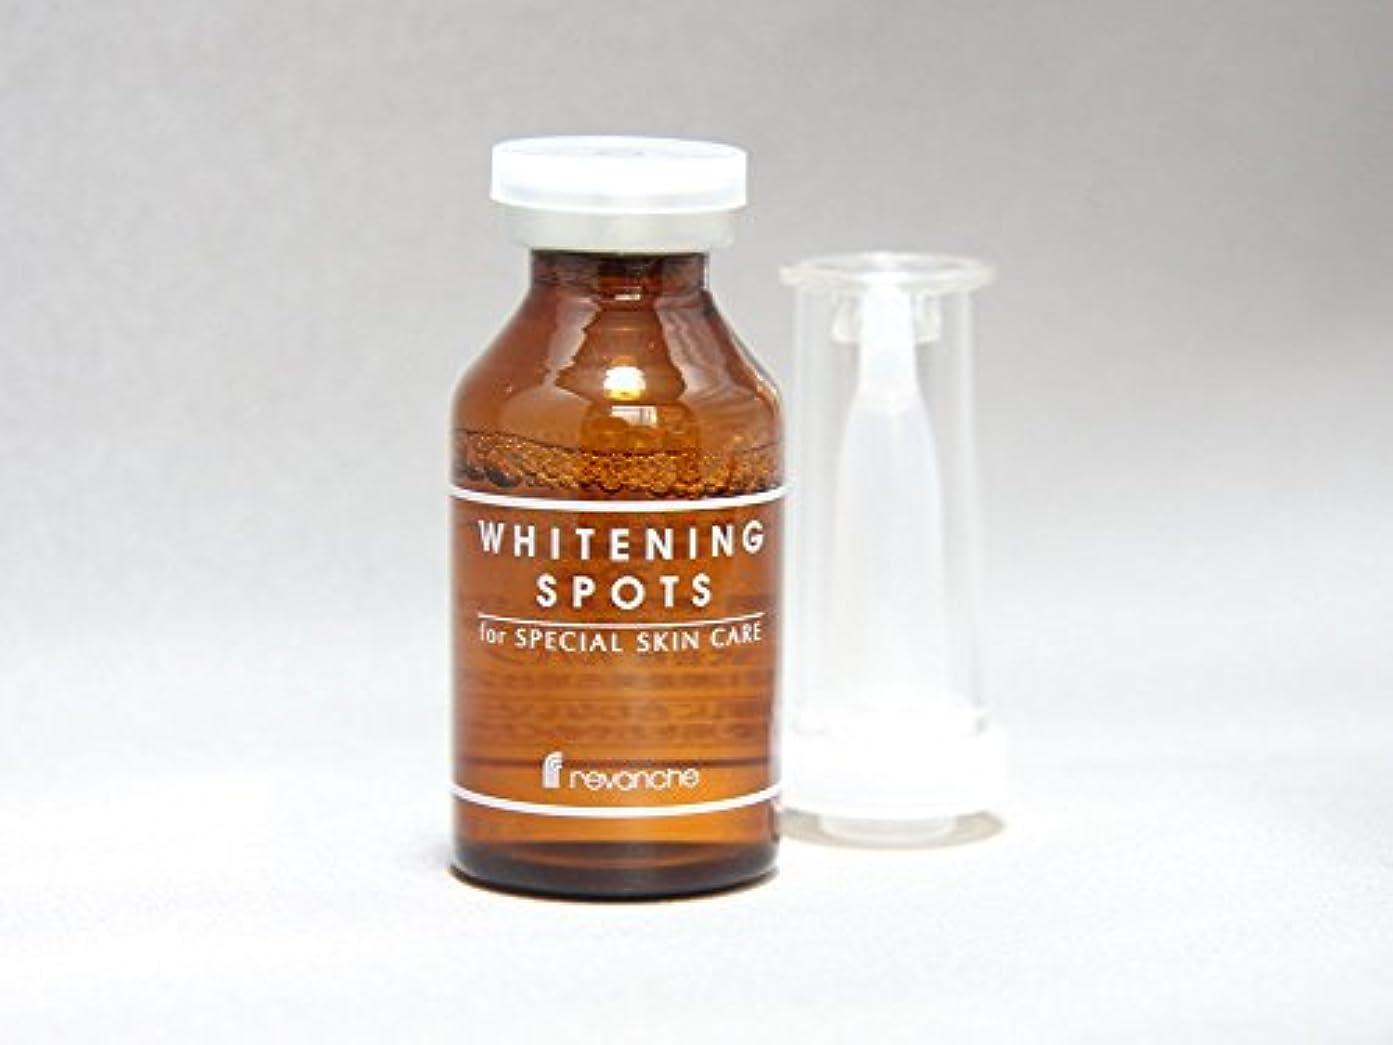 ステンレス典型的な調和のとれたルバンシュ 薬用美白スポッツ 20ml